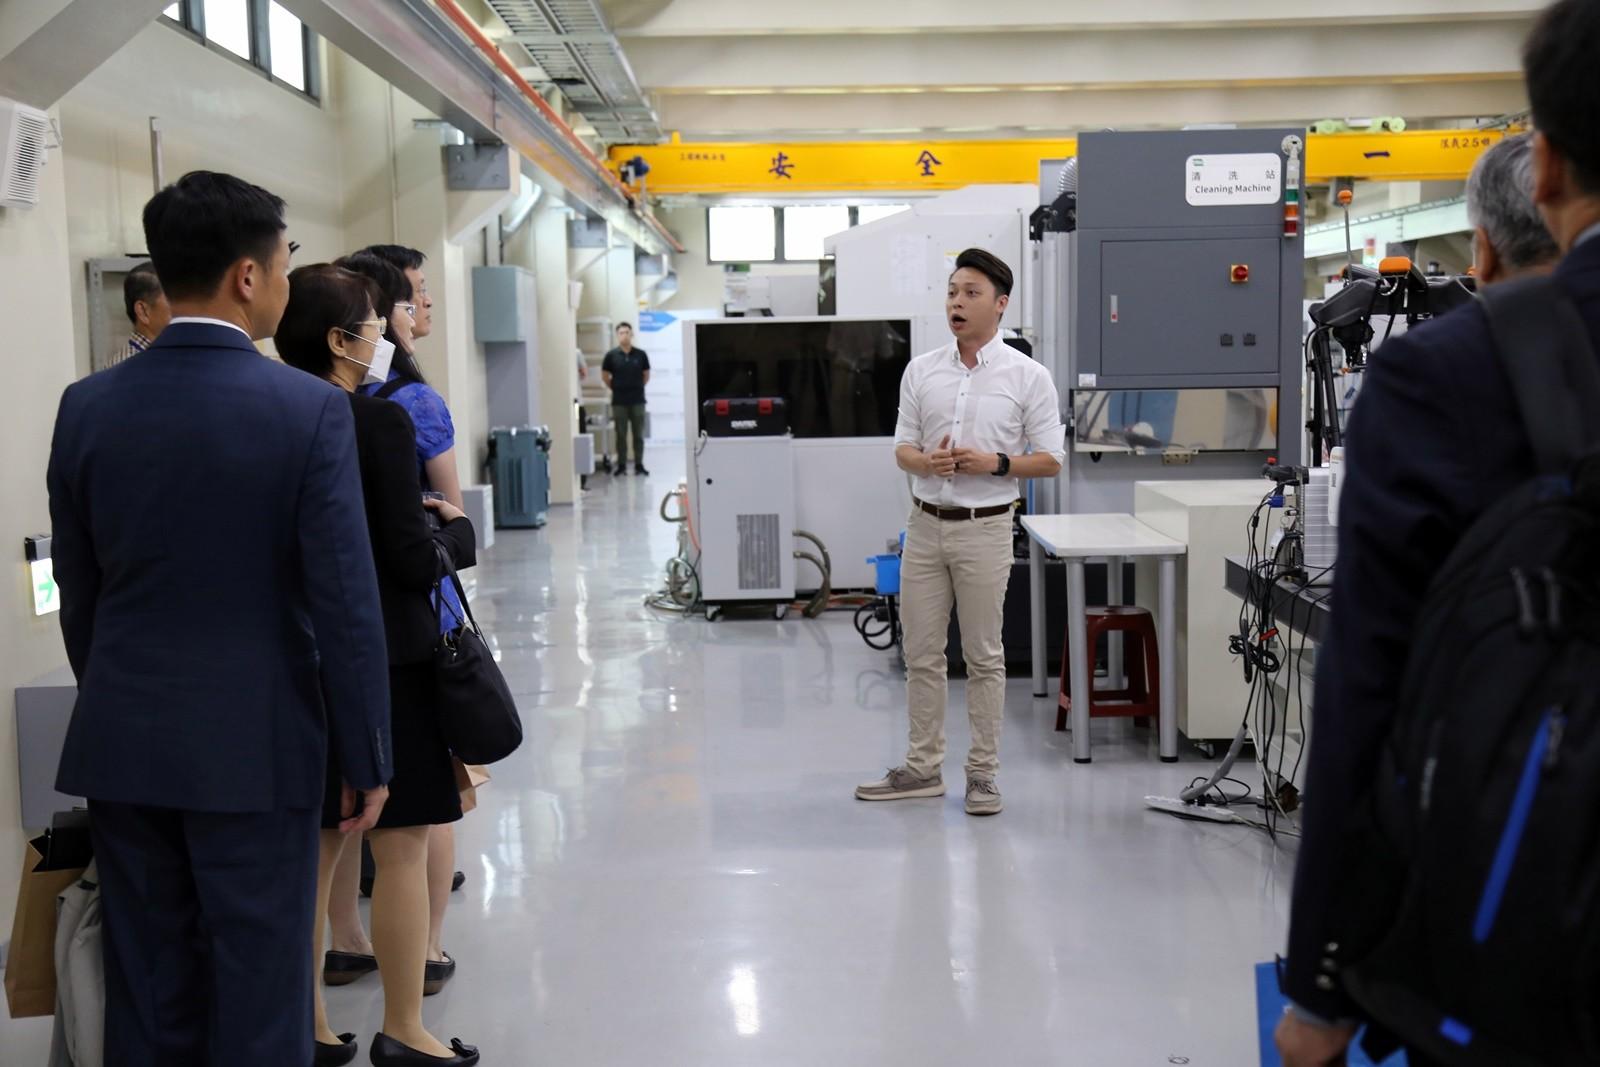 中原大學知行領航館暨工業4.0示範基地,是科技部鼎力支持的國際產學聯盟發展重點。.JPG